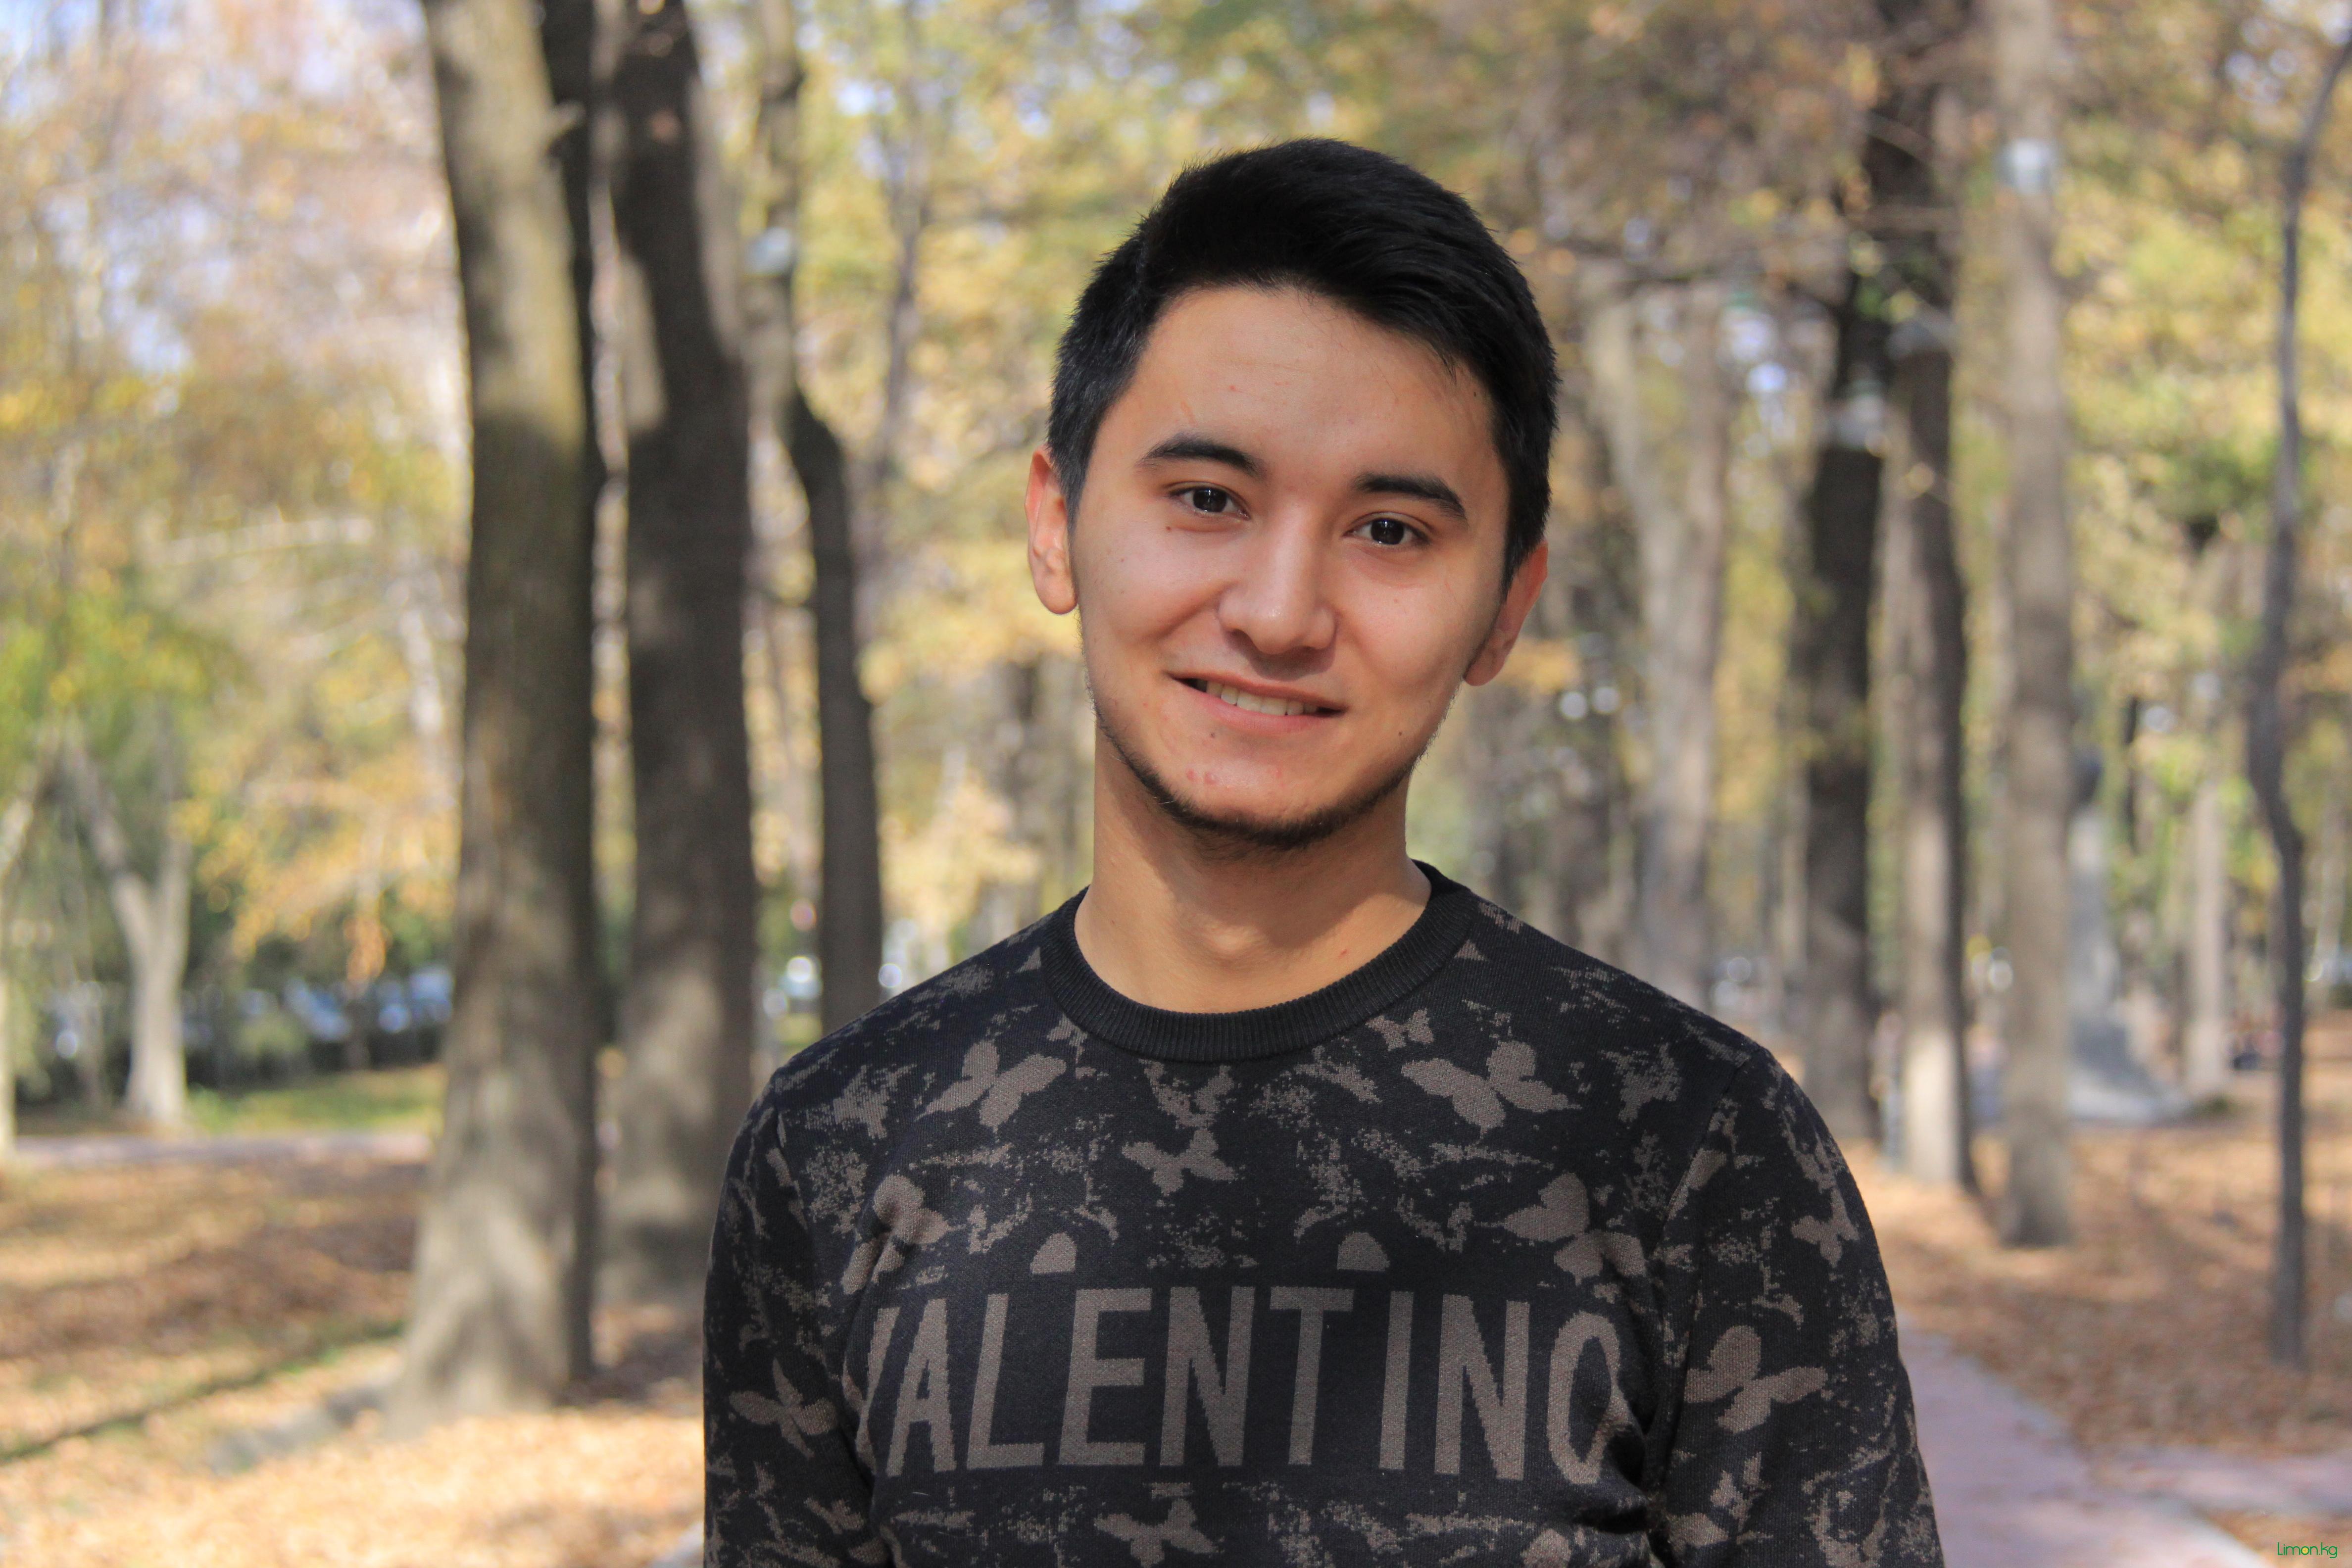 Арафат Абайдулаев, 20 лет, студент